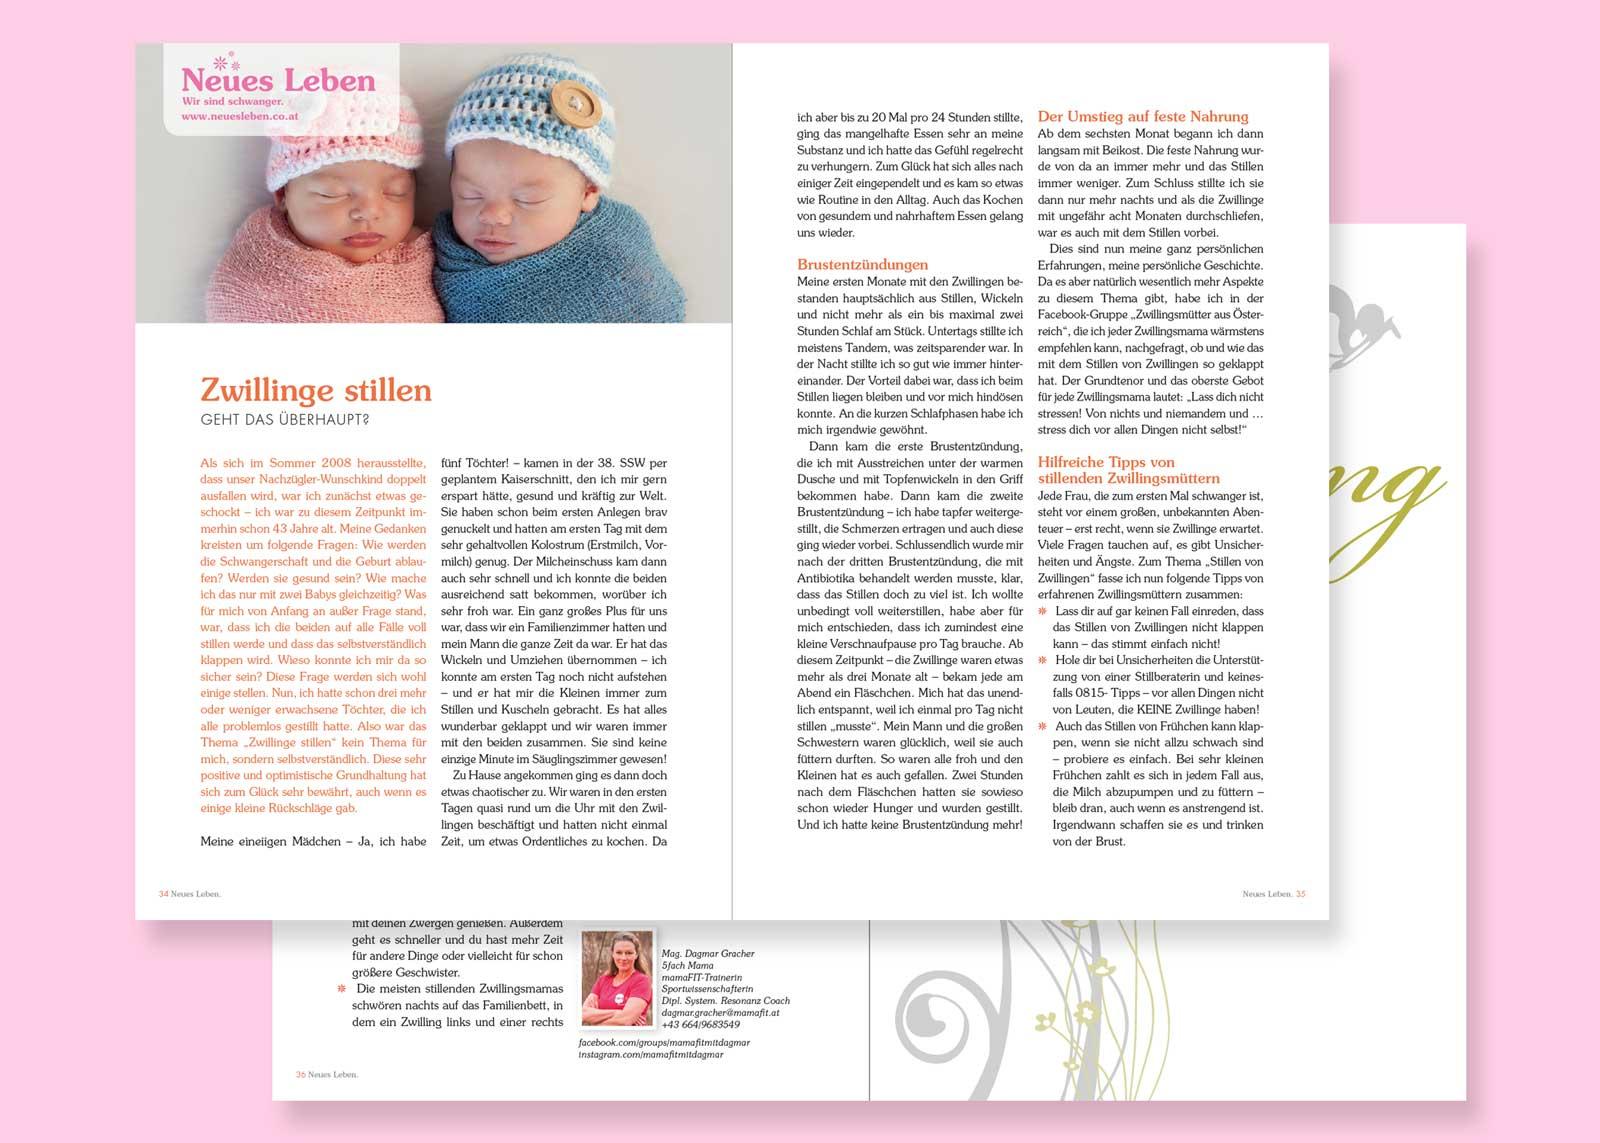 Zwillinge stillen – Neues Leben